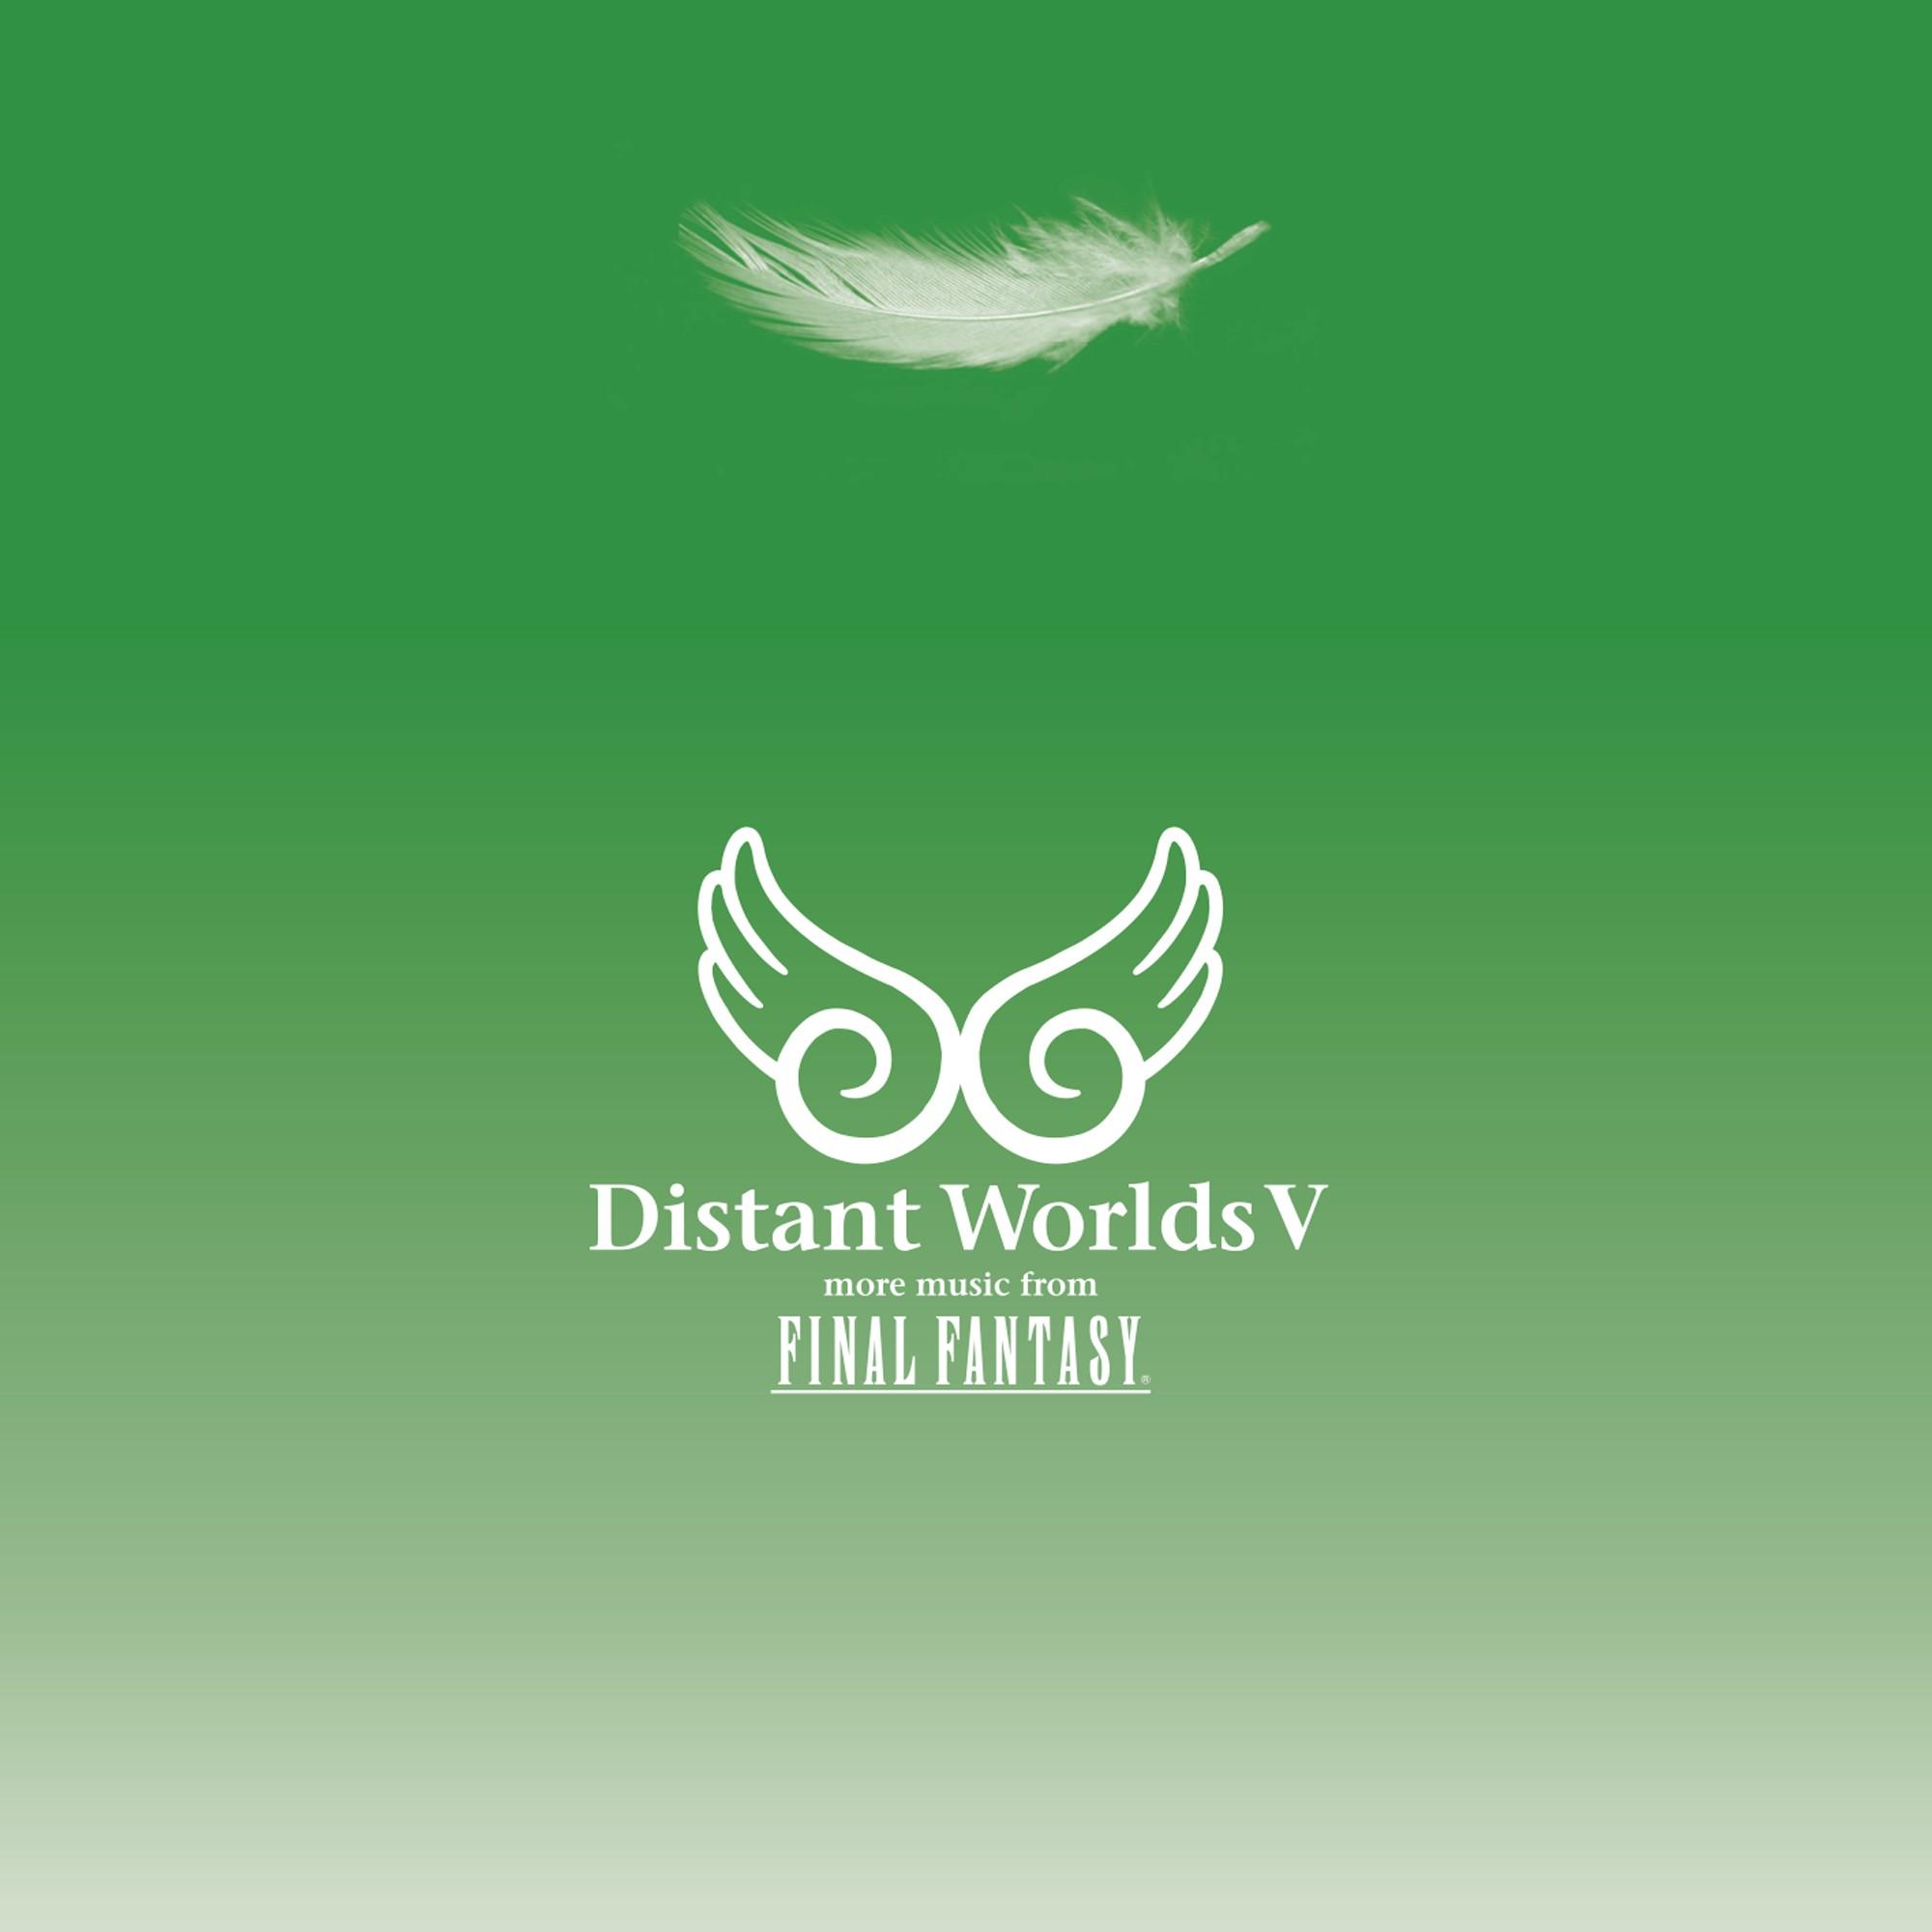 植松伸夫 (Nobuo Uematsu) – Distant Worlds V: more music from FINAL FANTASY [FLAC 24bit/88,2kHz]